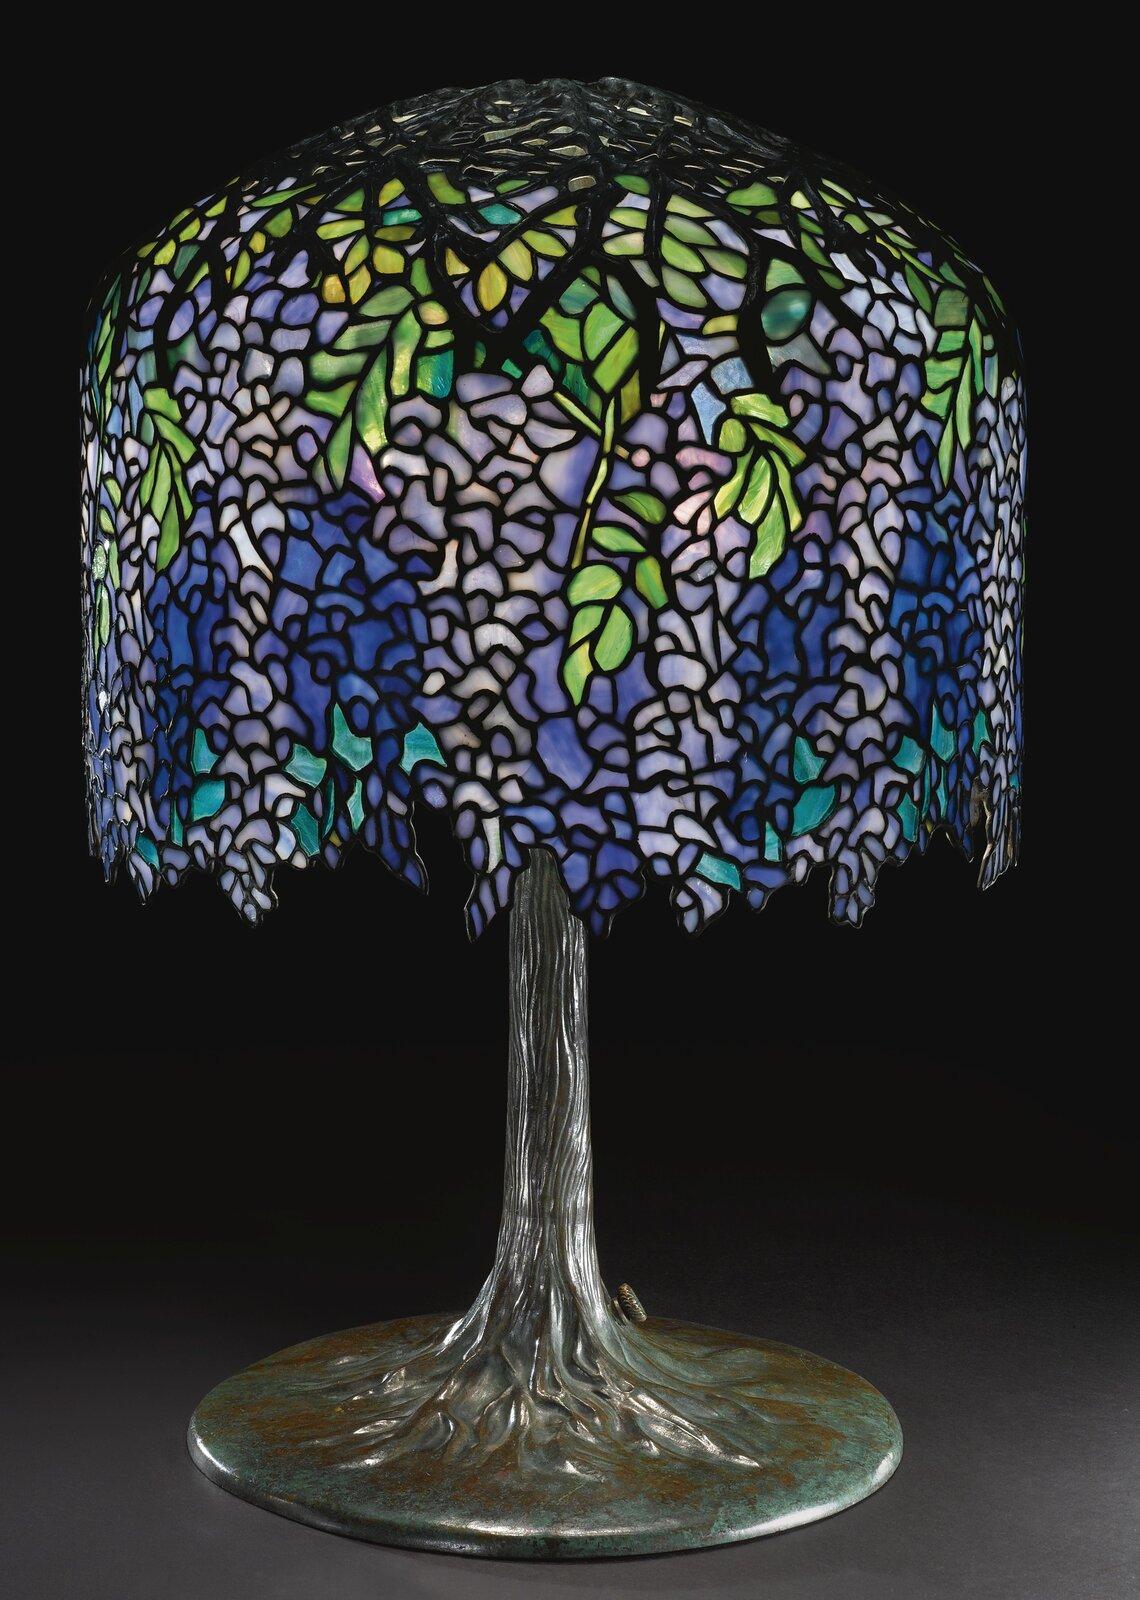 Ilustracja przedstawia lampkę stołową, której klosz złudząco przypomina witraż zwinogronami. Lampka stanowi funkcjonalny oraz jednocześnie ozdobny przedmiot.